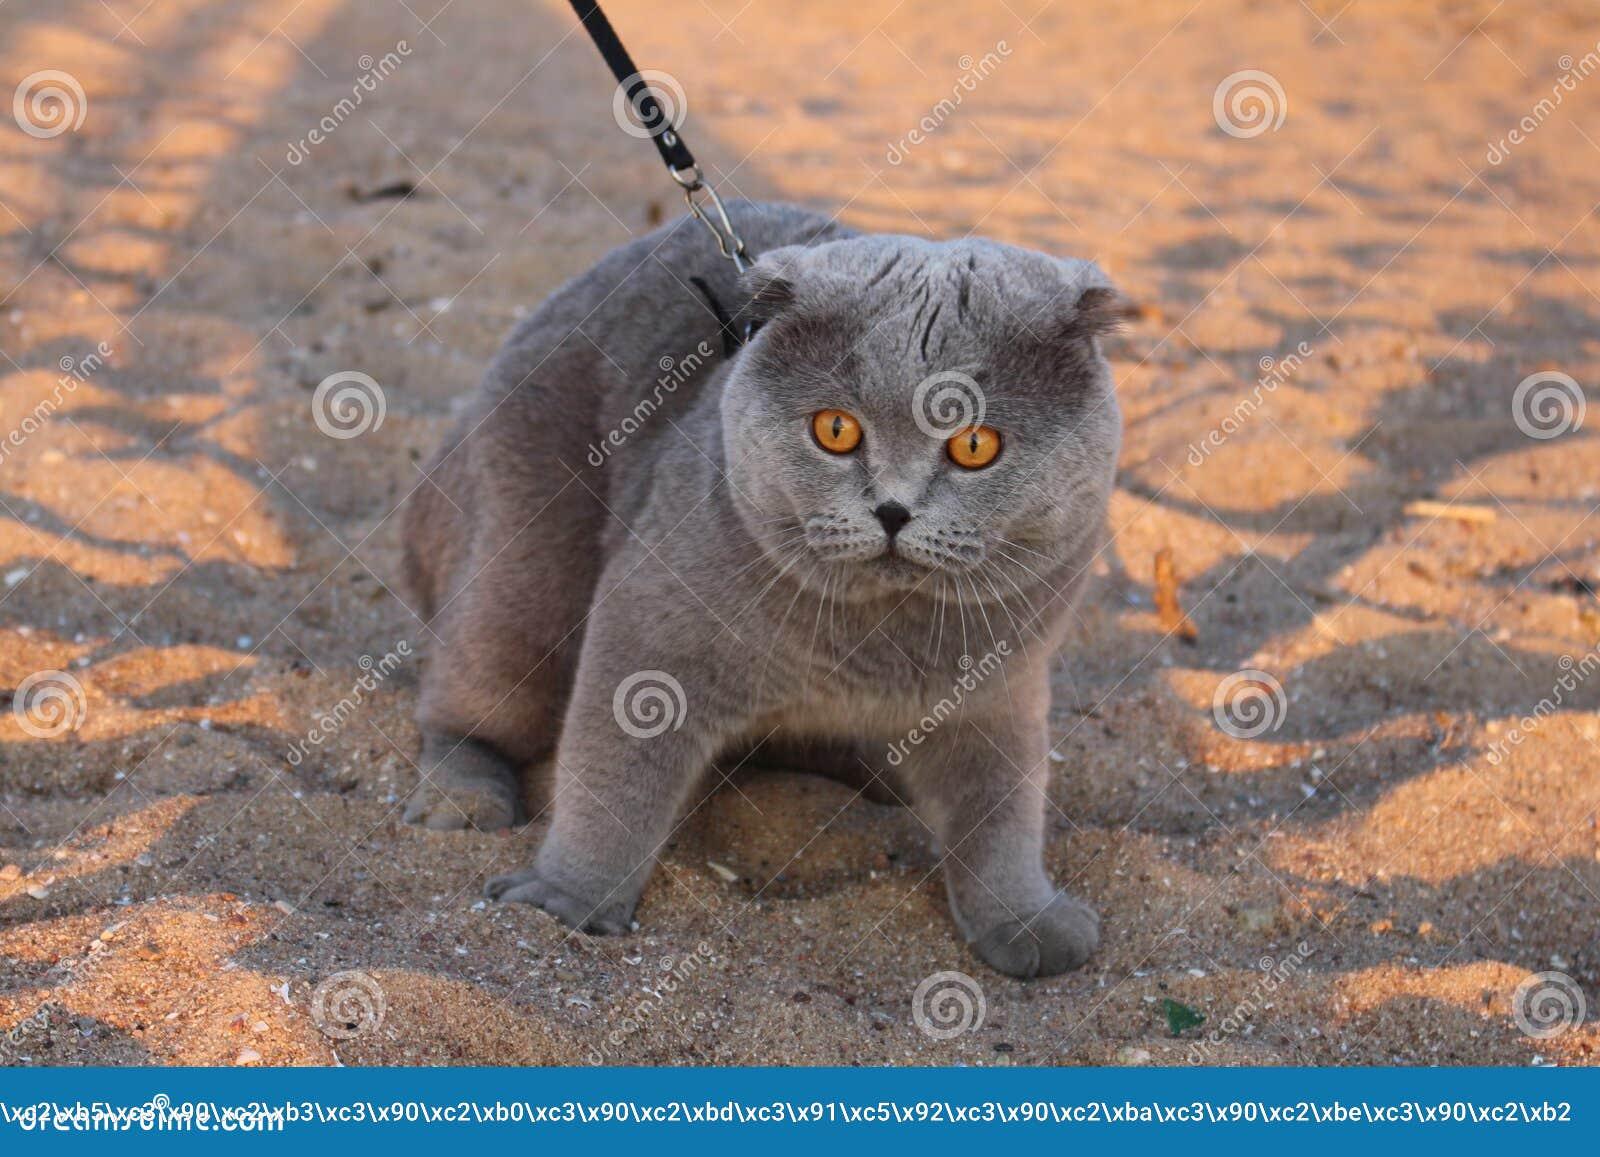 与黄色眼睛和衣领的一只巨大的发烟性猫